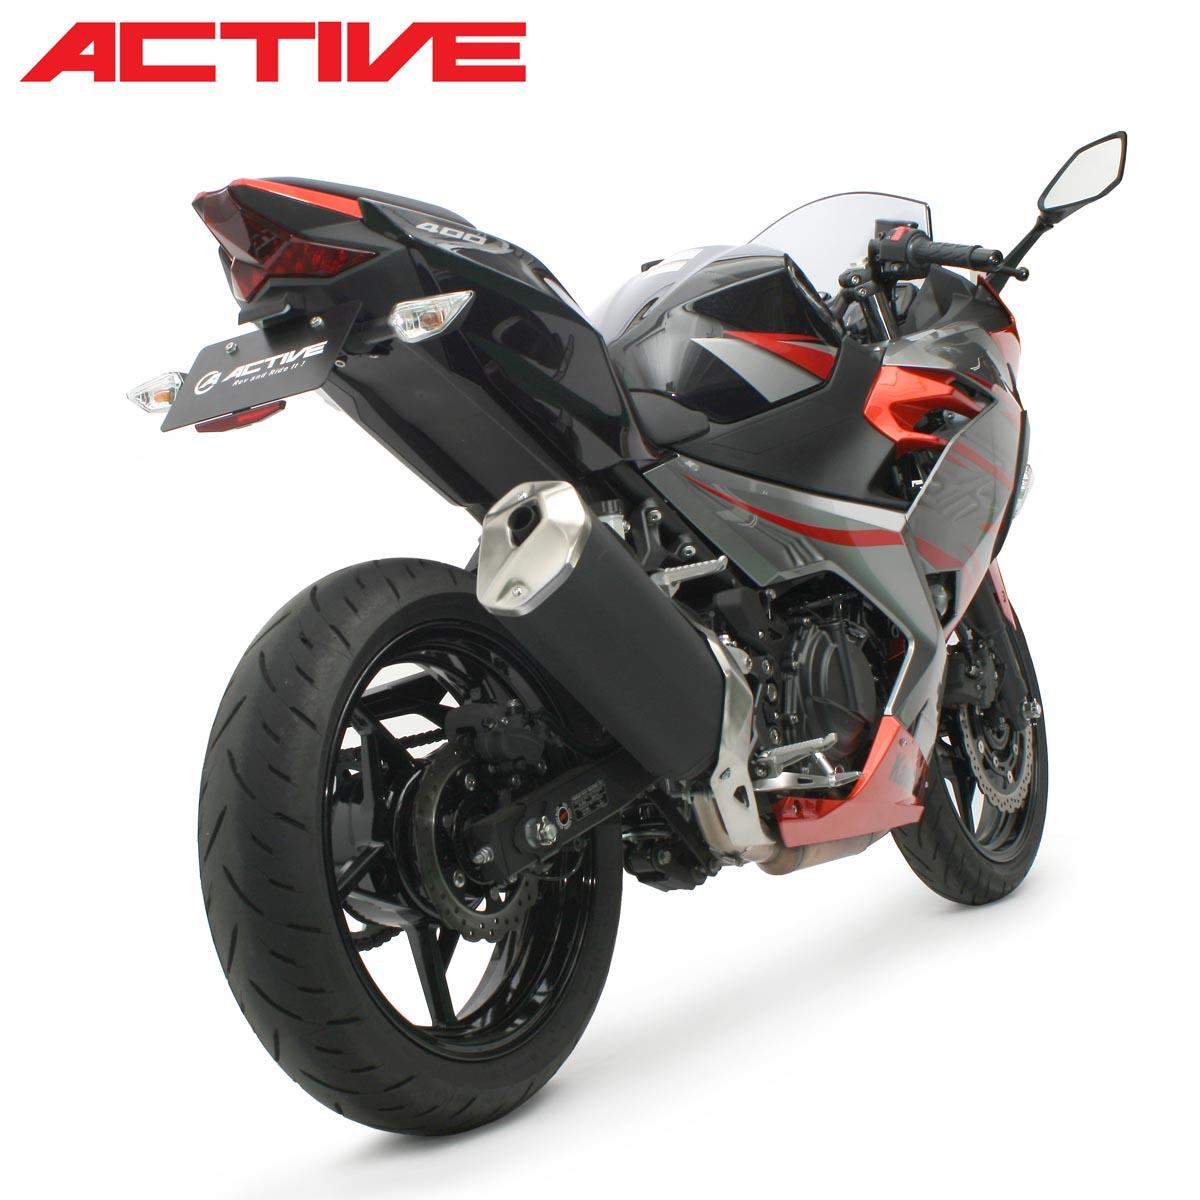 Kawasaki Ninja250/400 ACTIVE フェンダーレスキット(LEDナンバー灯付き) 1157089